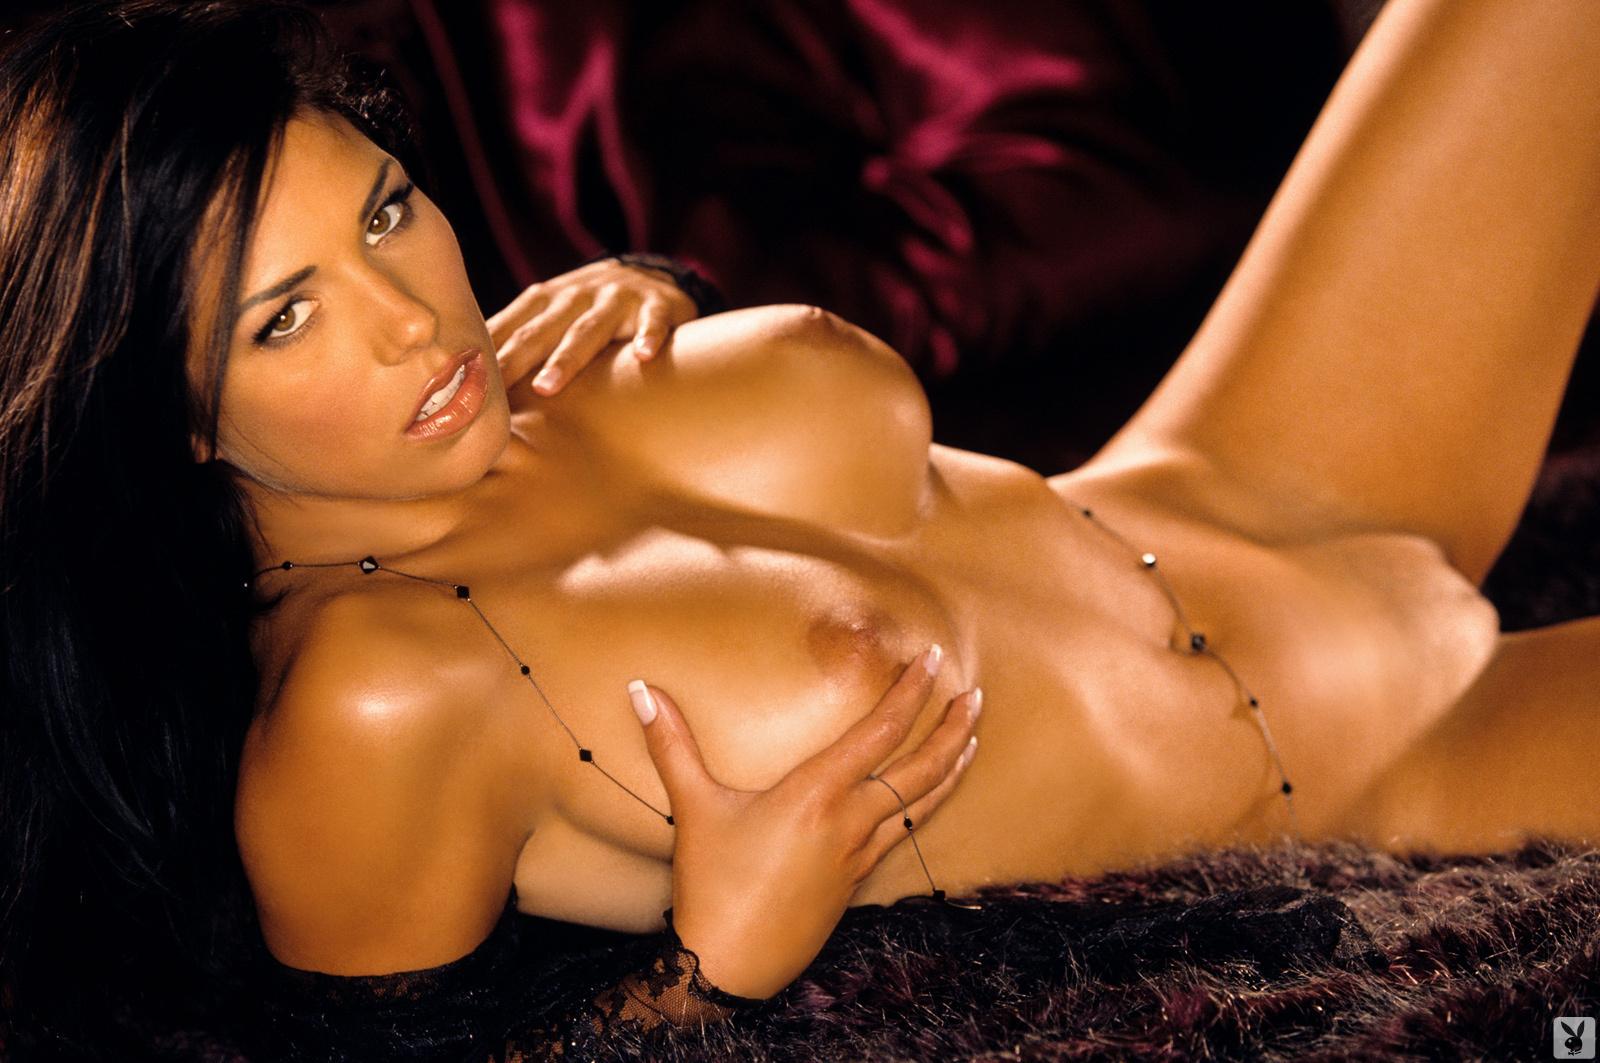 Самая красивая девушка мира вы голом виде, Самые красивые девушки планеты - 40 фото 18 фотография